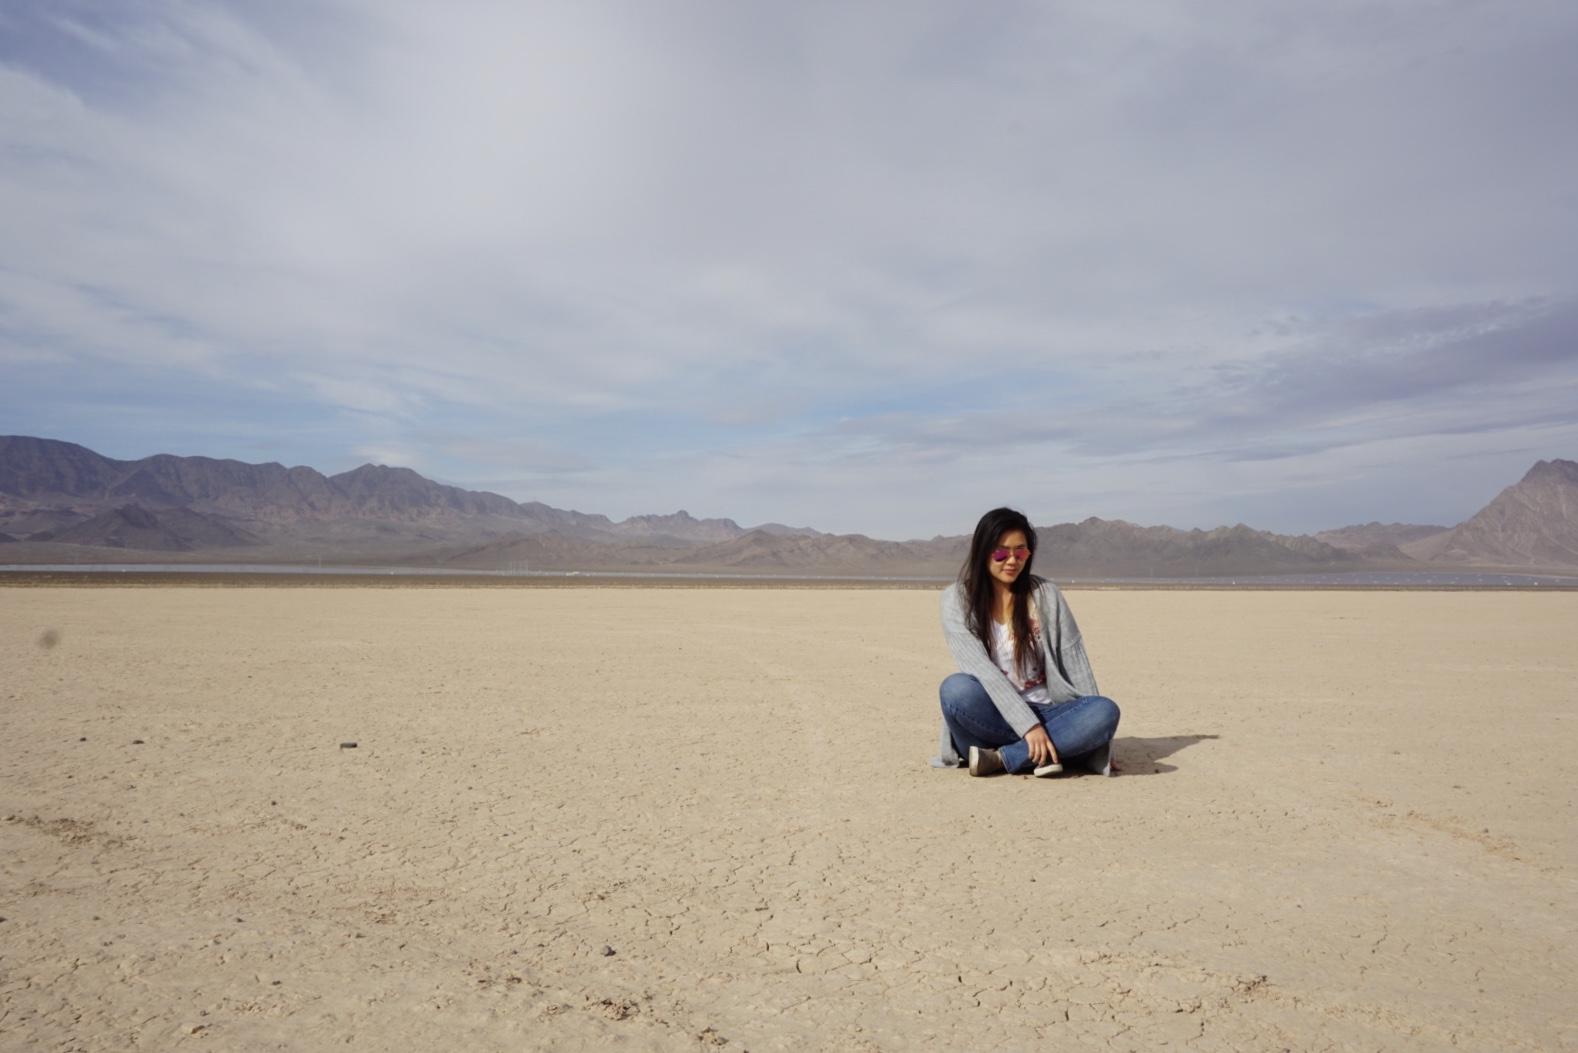 El Dorado Dry Lake Bed